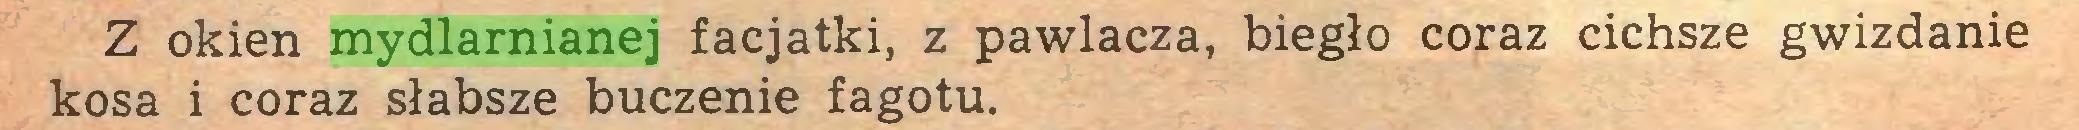 (...) Z okien mydlarnianej facjatki, z pawlacza, biegło coraz cichsze gwizdanie kosa i coraz słabsze buczenie fagotu...